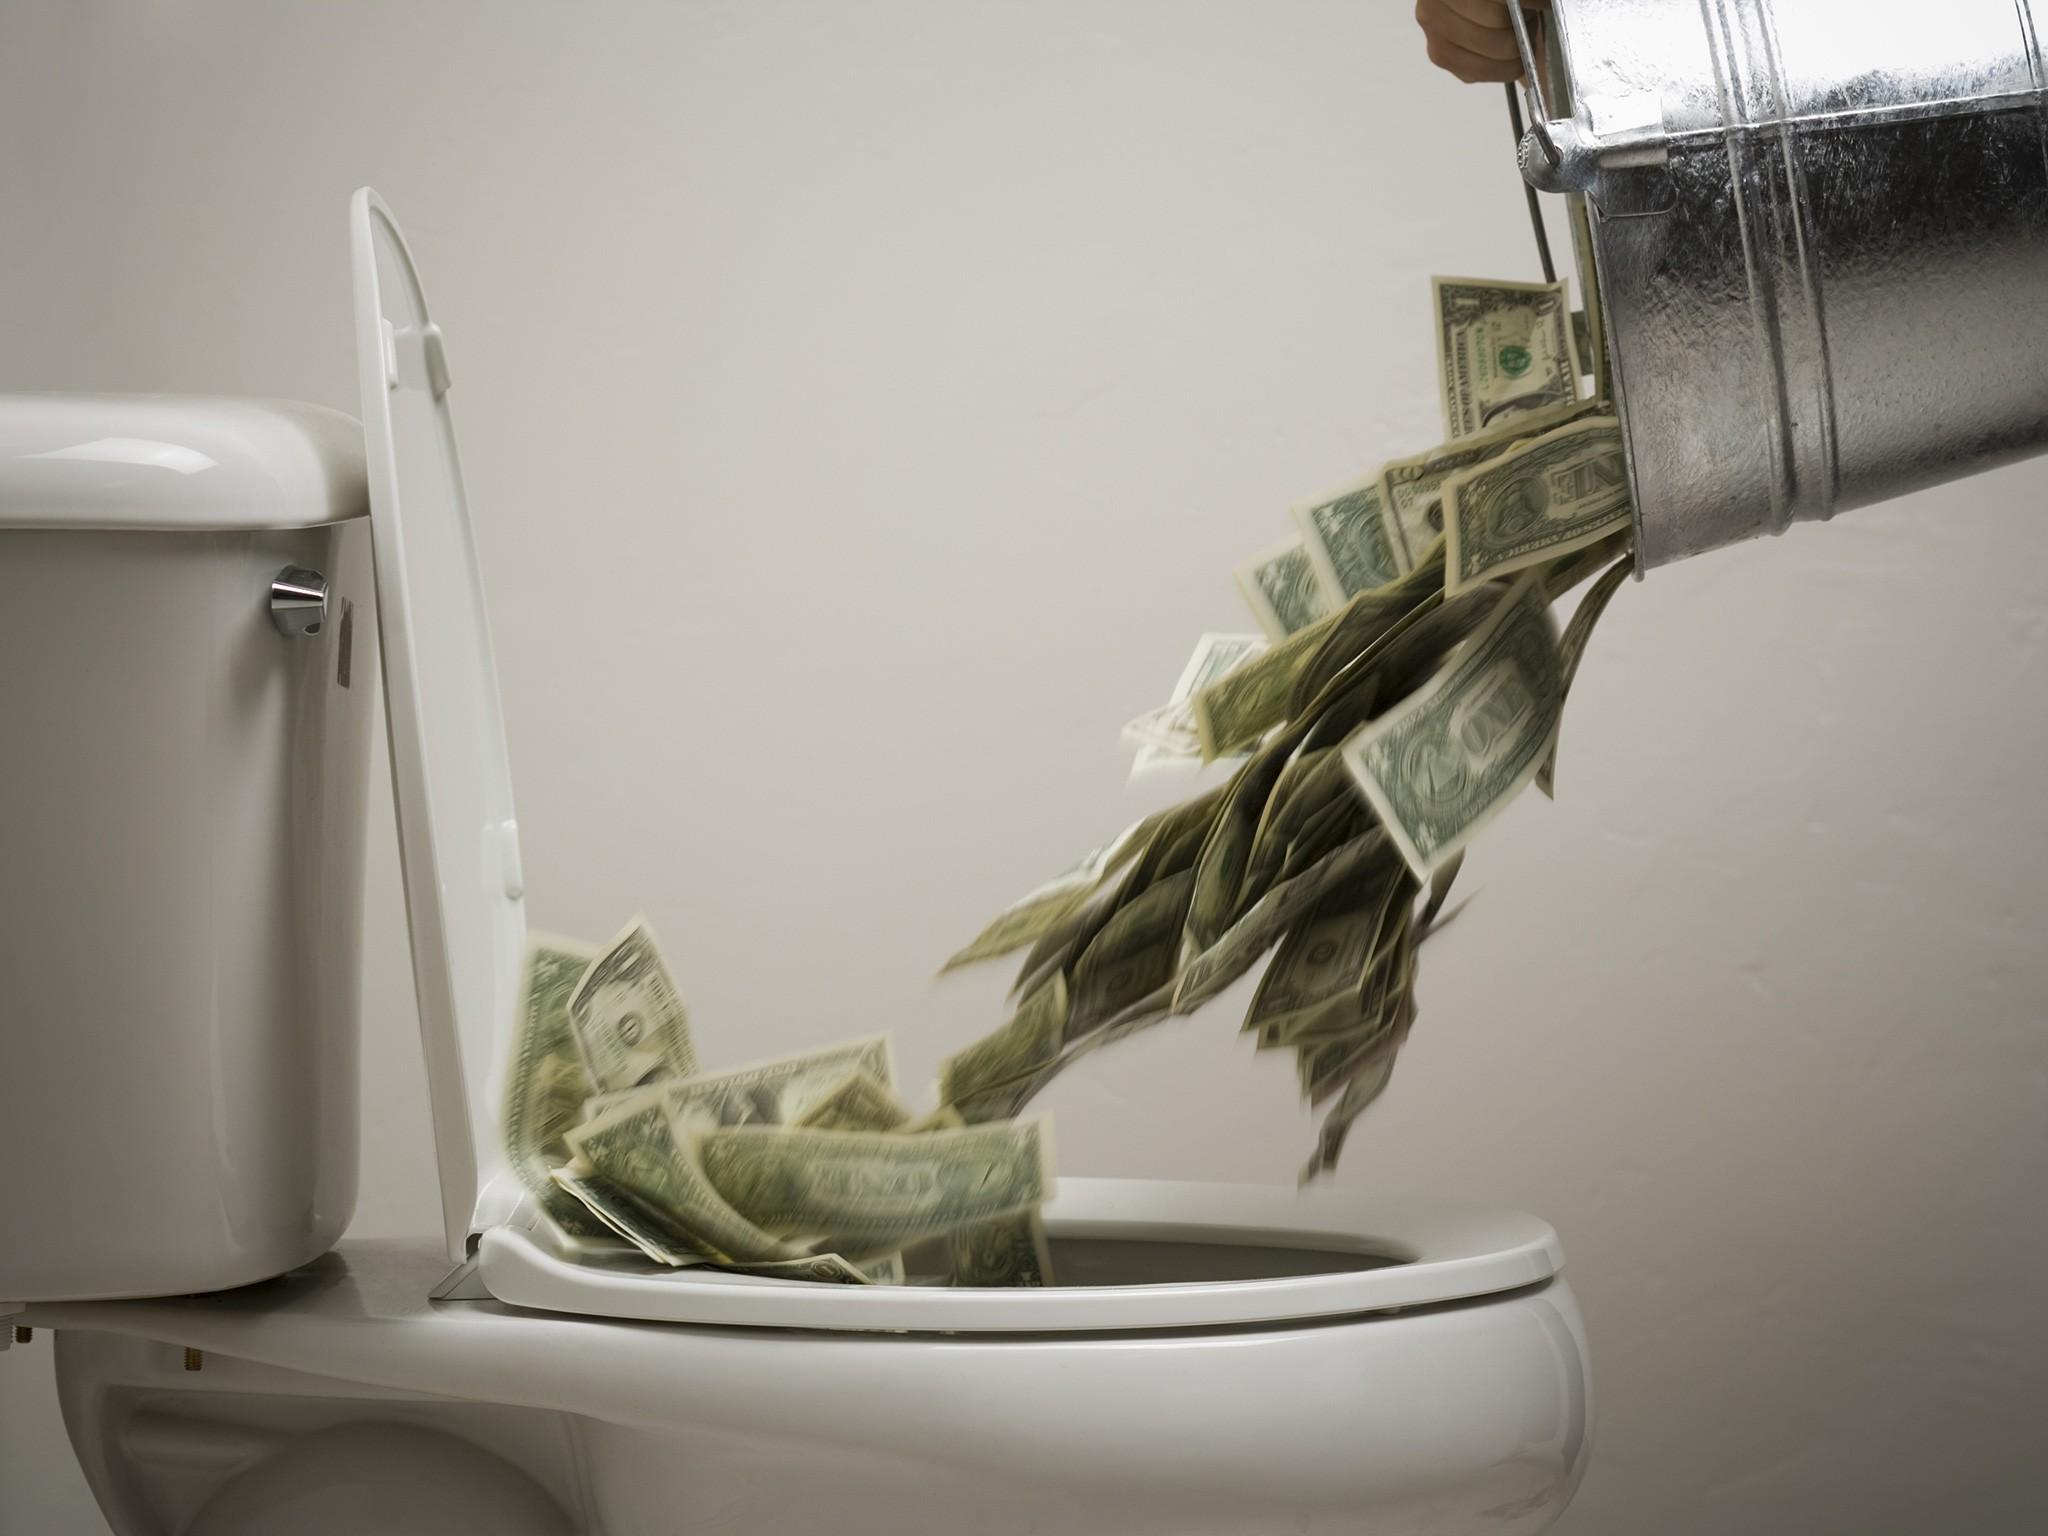 como perder dinheiro com criptomoedas